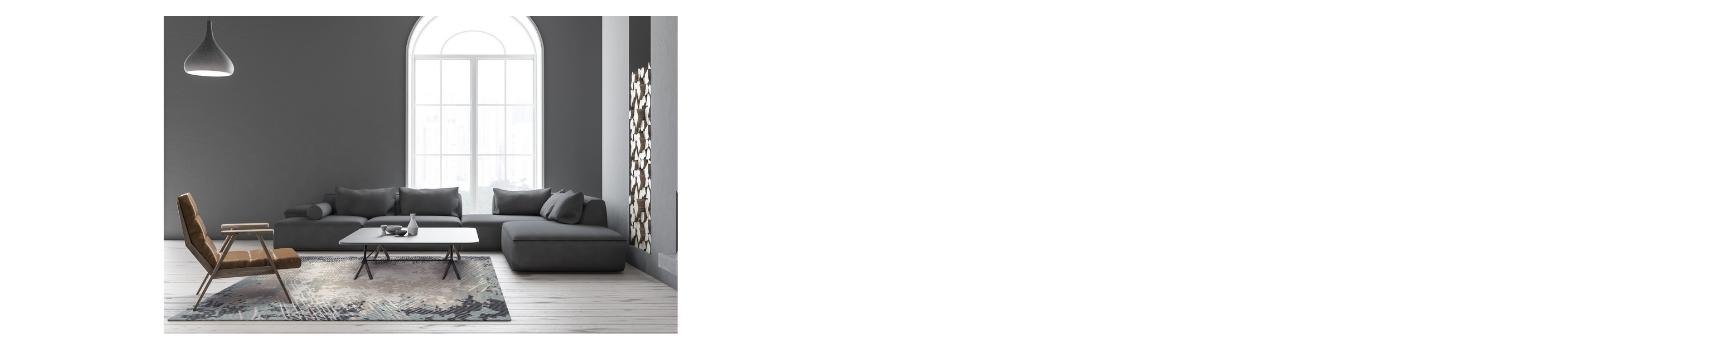 Moderni tepisi web shop - Interijer Marko